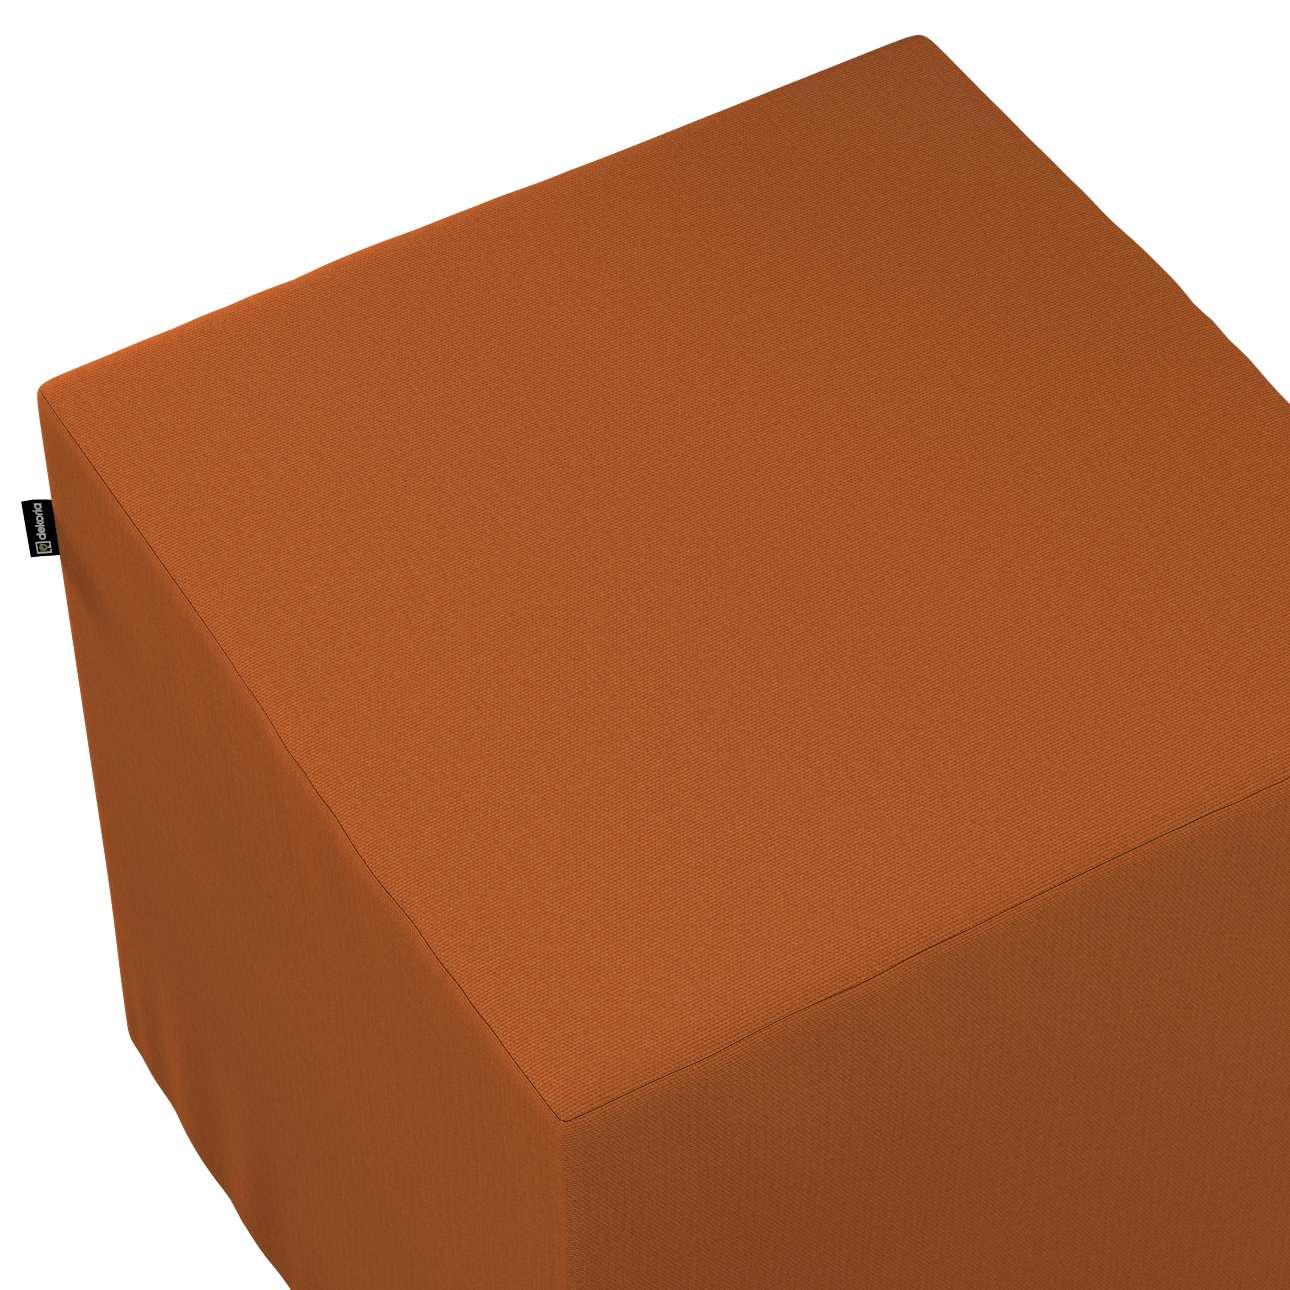 Pokrowiec na pufę kostkę w kolekcji Cotton Panama, tkanina: 702-42